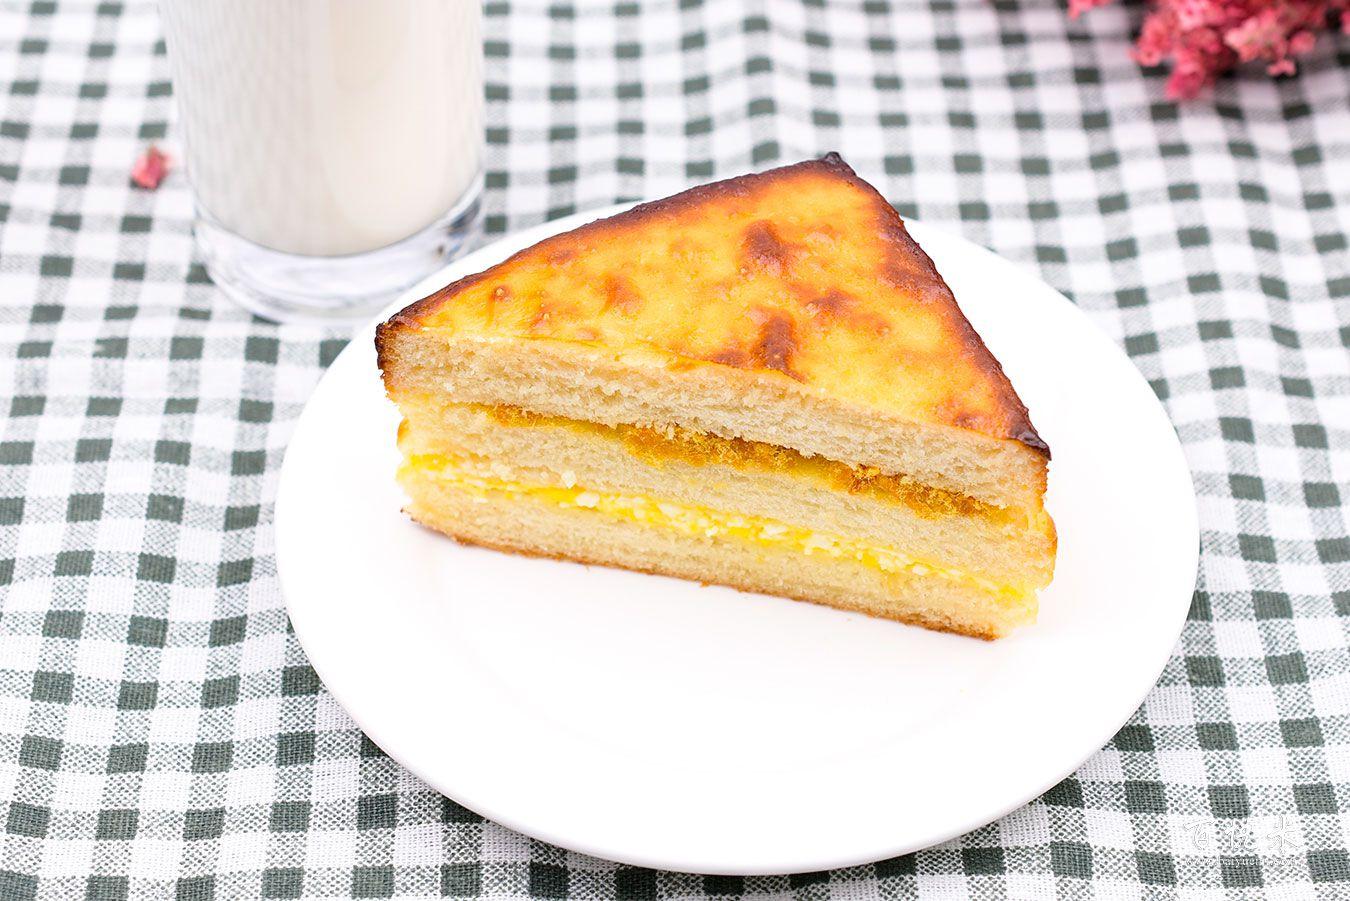 炭烧乳酪高清图片大全【蛋糕图片】_629